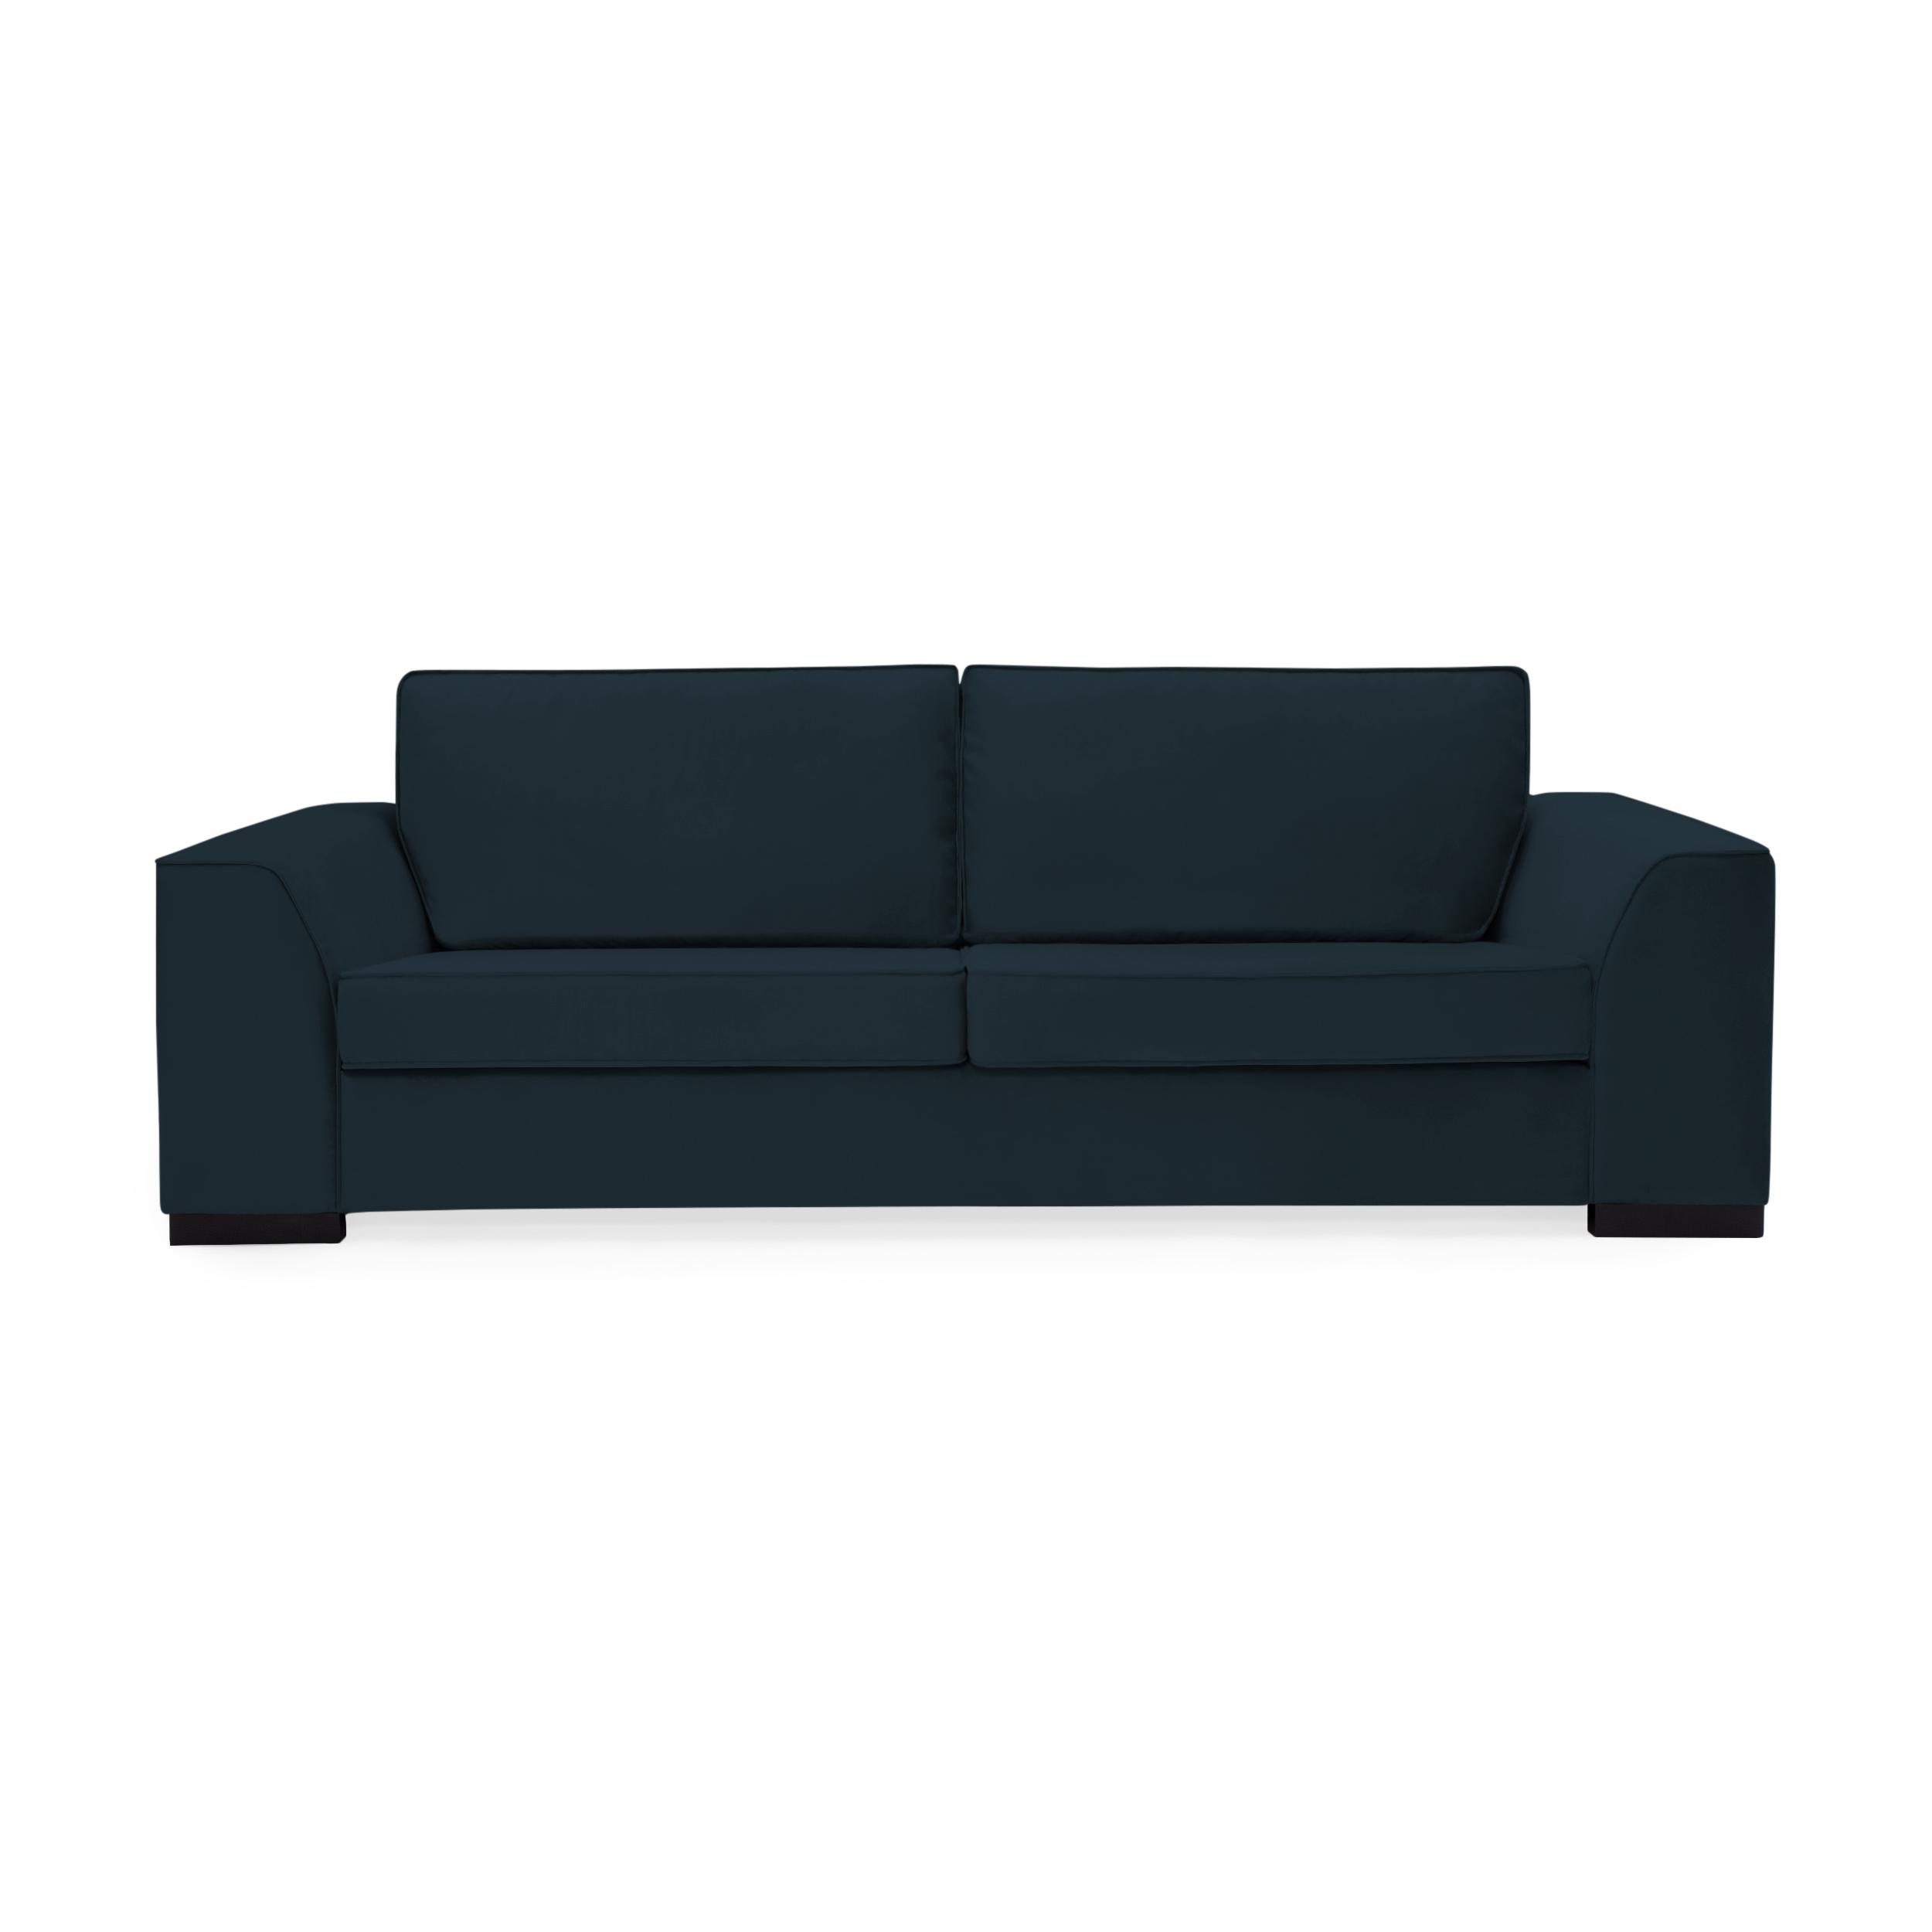 Canapea 3 locuri Bronson Marine Blue